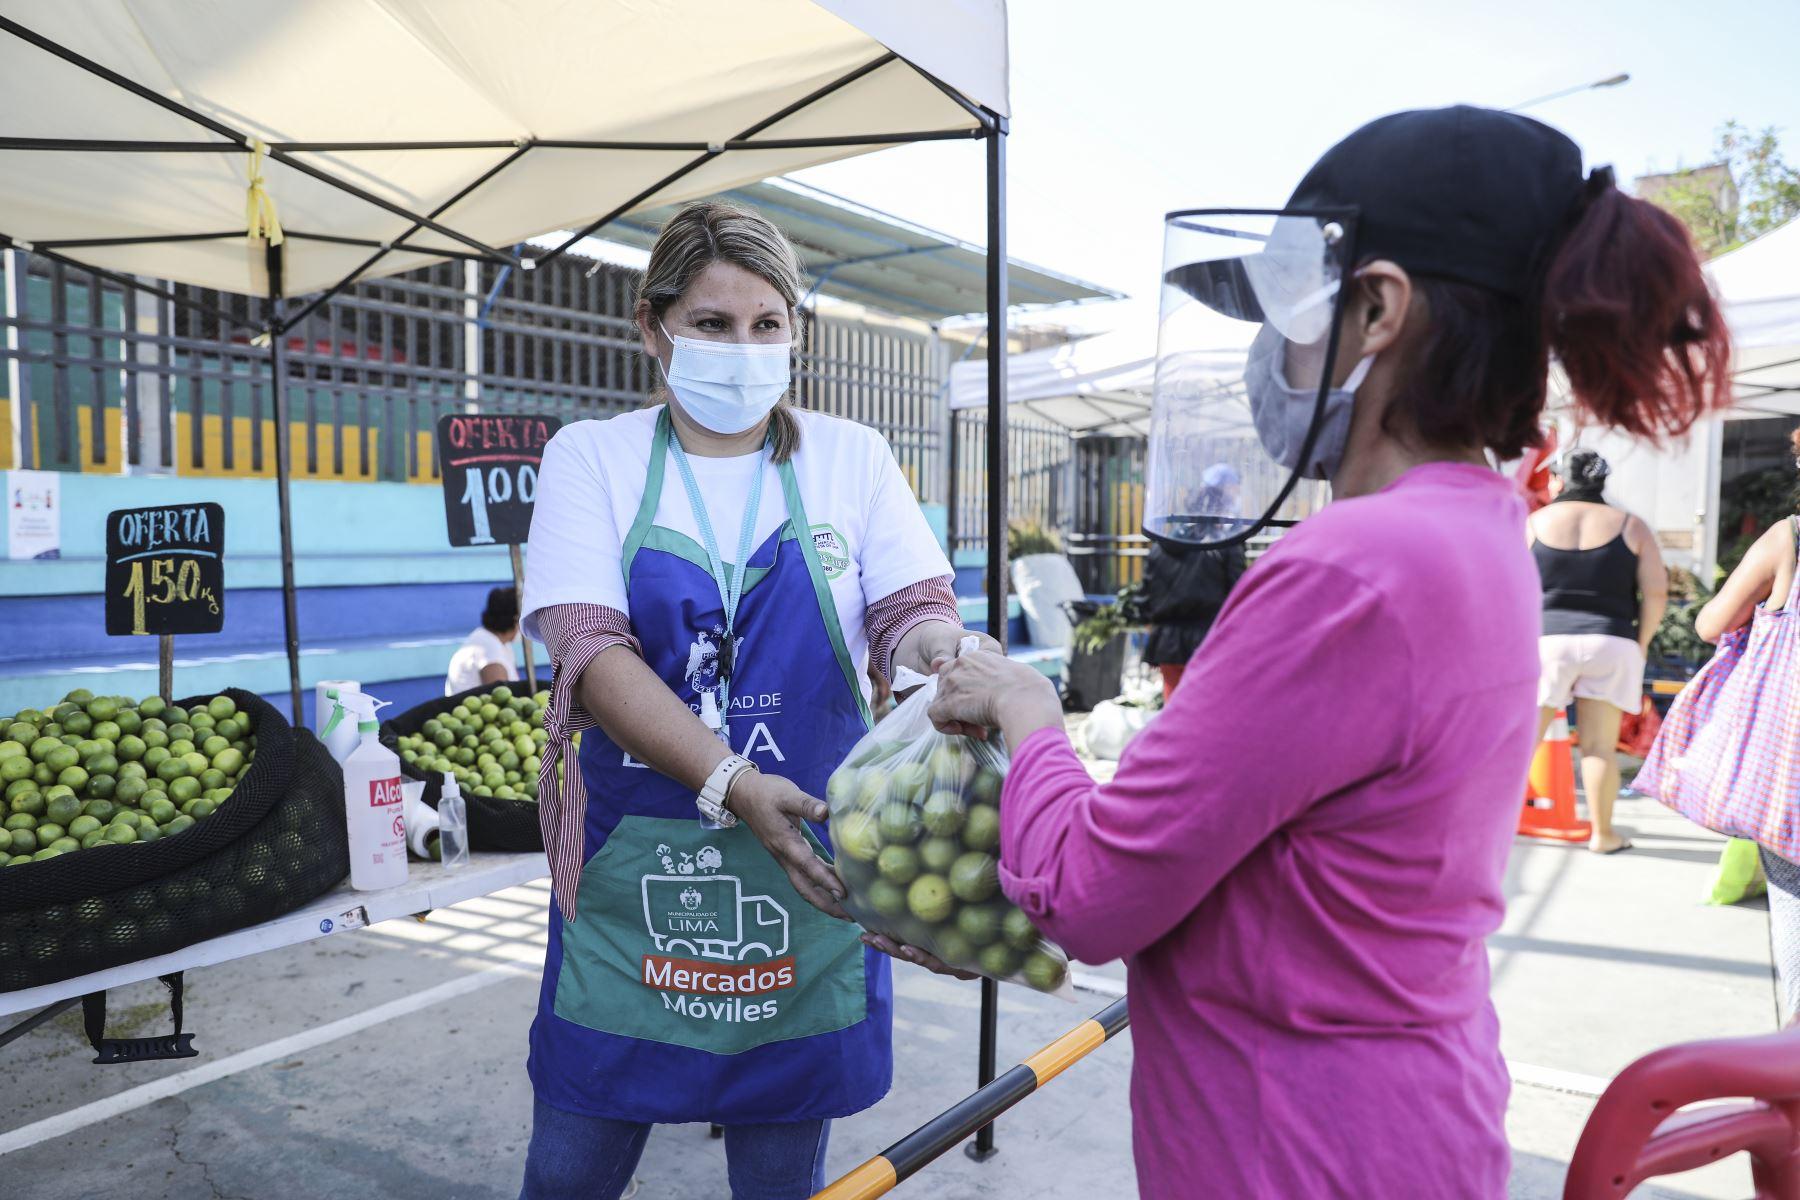 A fin de continuar facilitando el abastecimiento de las familias limeñas durante la segunda ola de COVID-19, el Mercado Móvil de la Municipalidad de Lima llegó al Cercado con 15 toneladas de alimentos a precios accesibles. Foto: ANDINA/Municipalidad de Lima